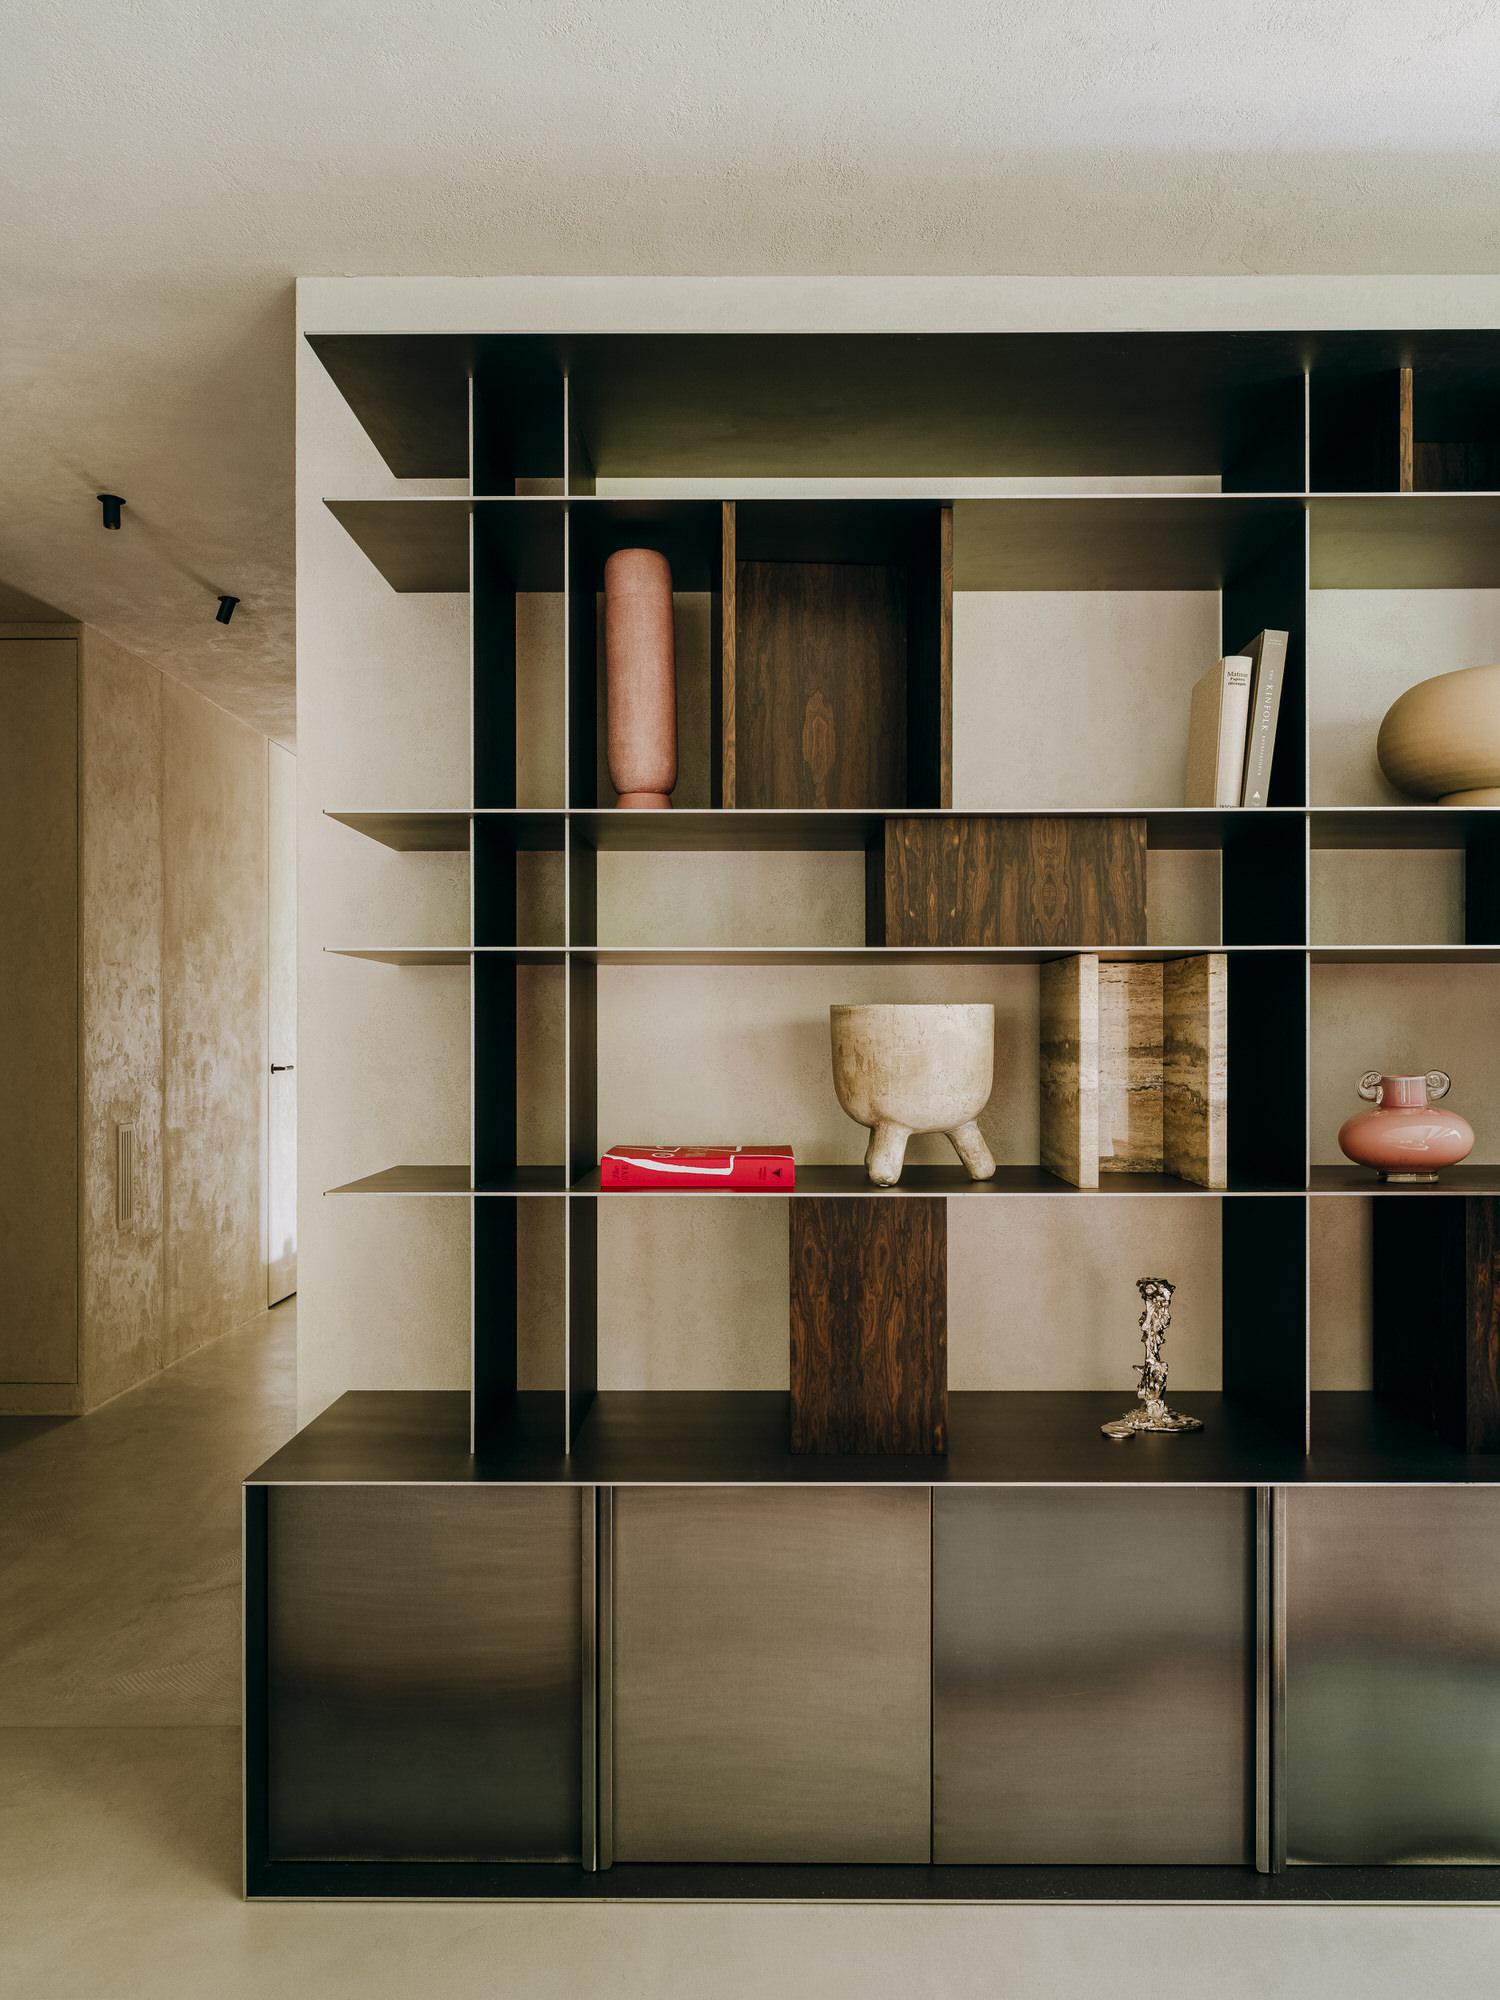 Paradowski Studio Fnl Apartment Warsaw Interiors Photo Pion Studio Yellowtrace 02